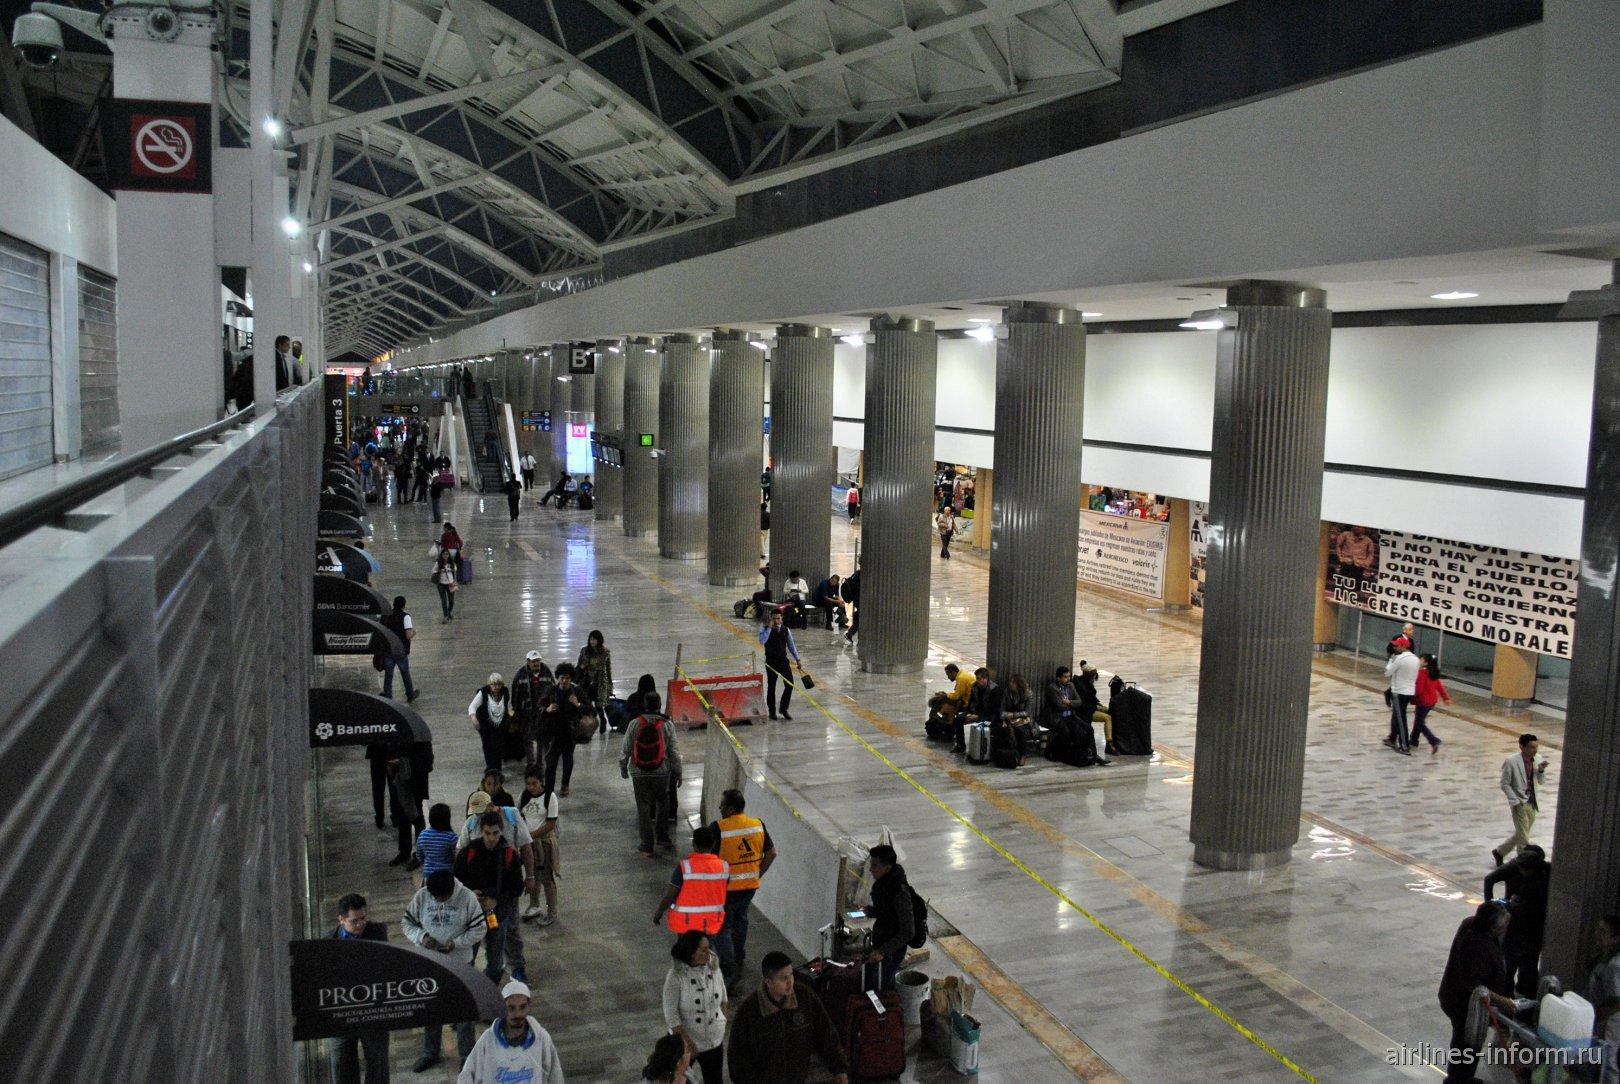 В терминале Т1 аэропорта Мехико Бенито Хуарес